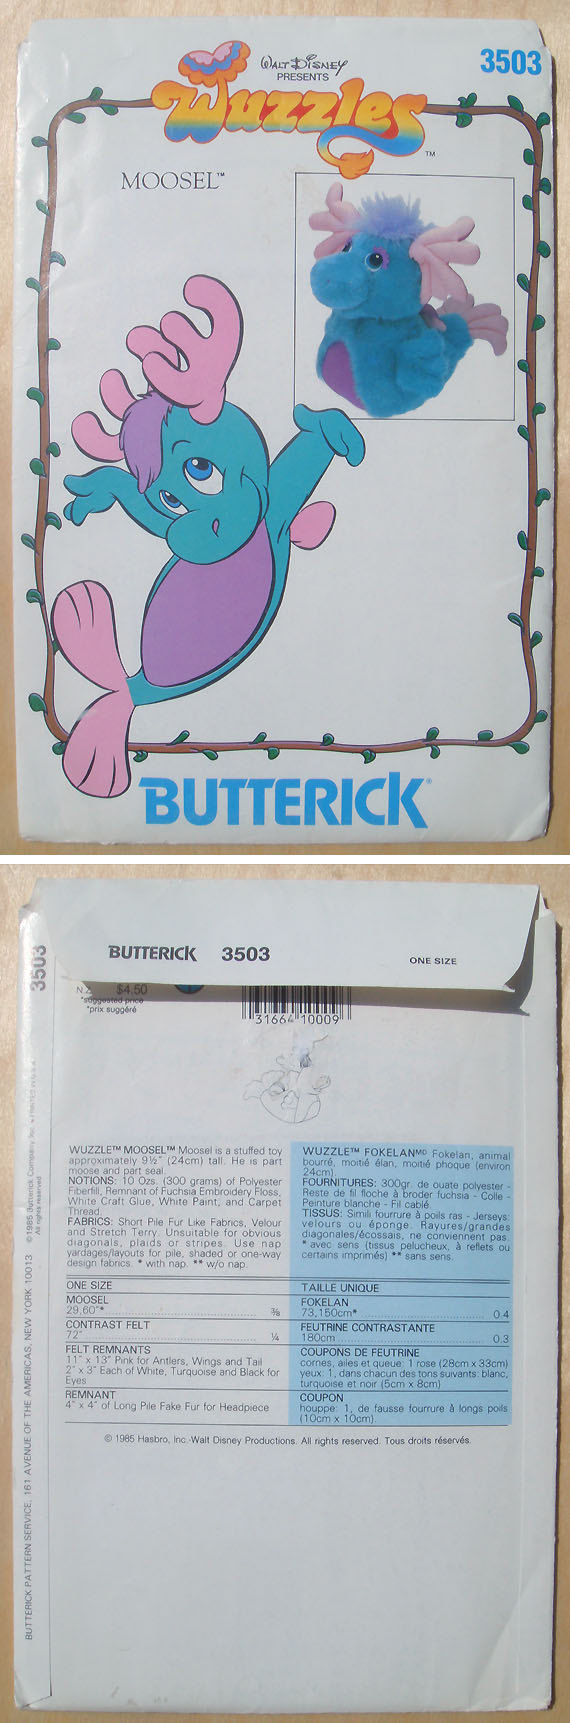 Butterick 3503